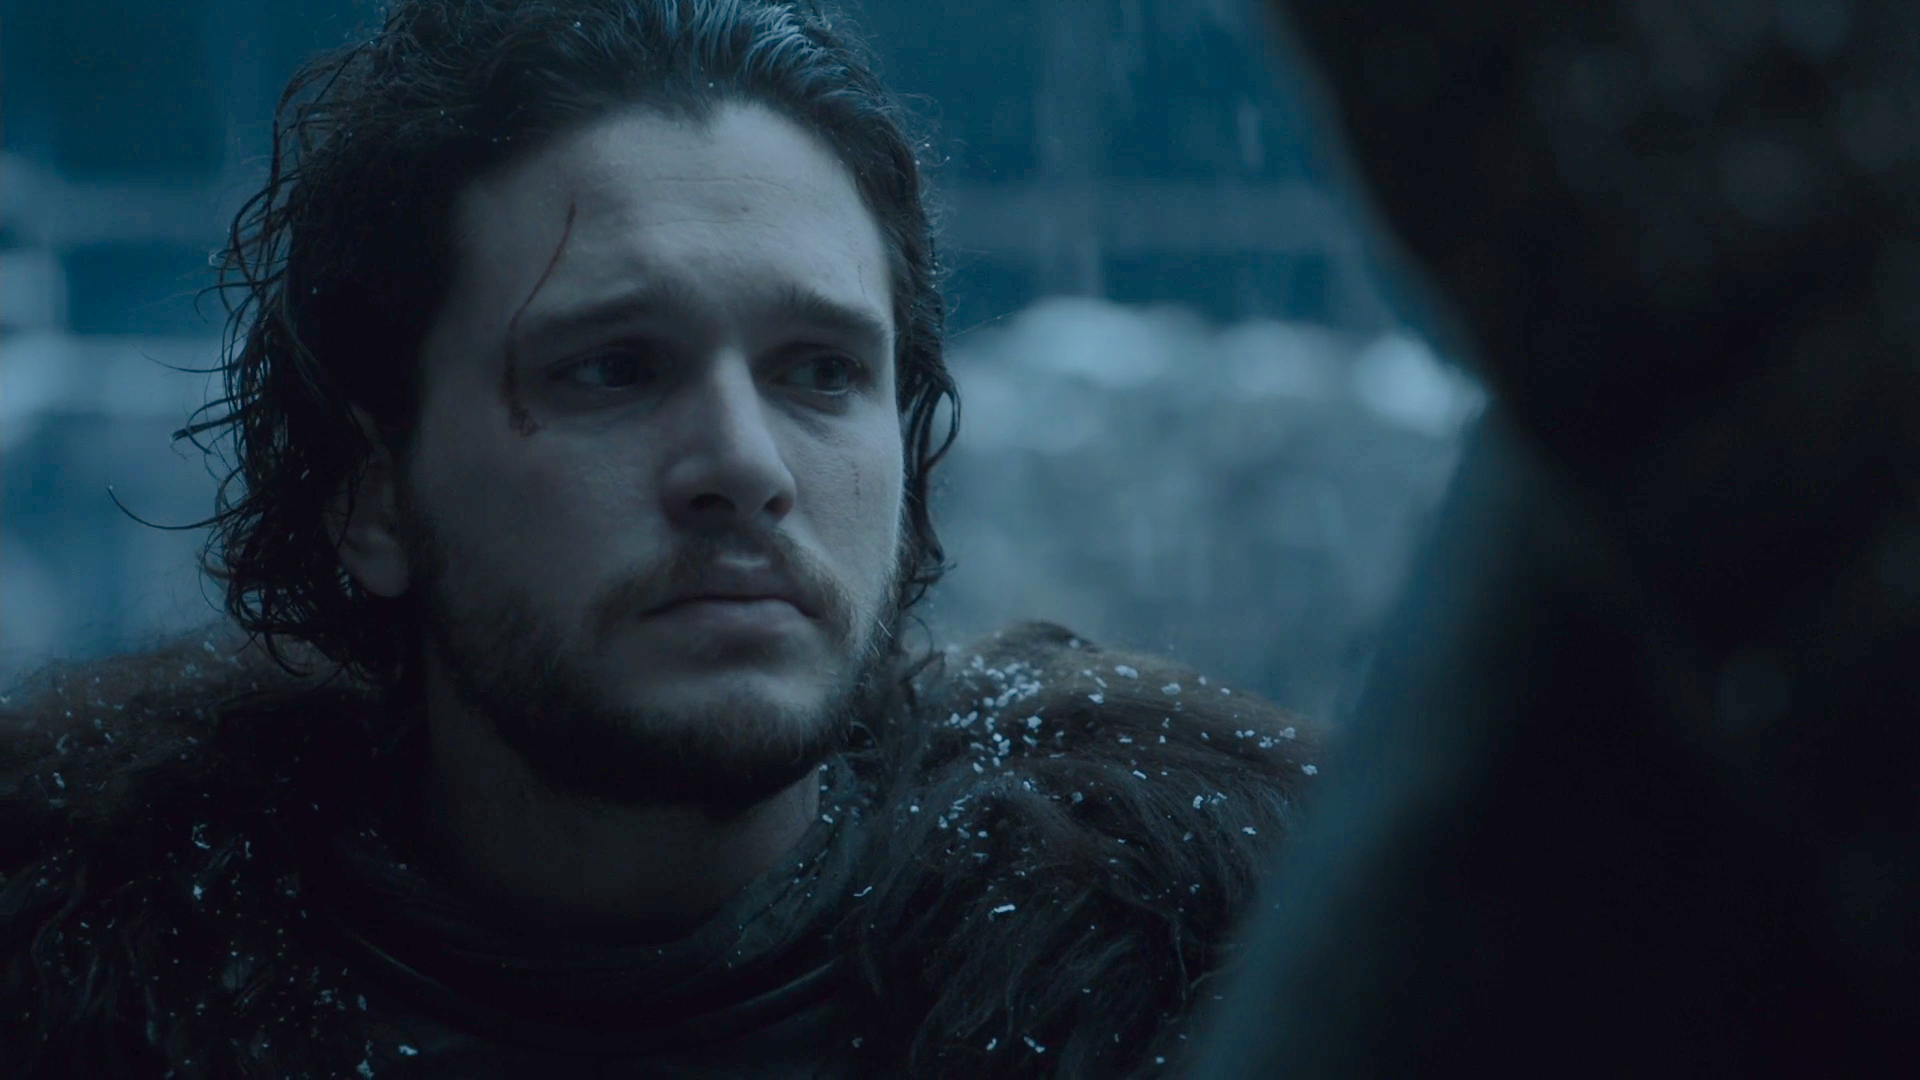 Jon Snow Sad